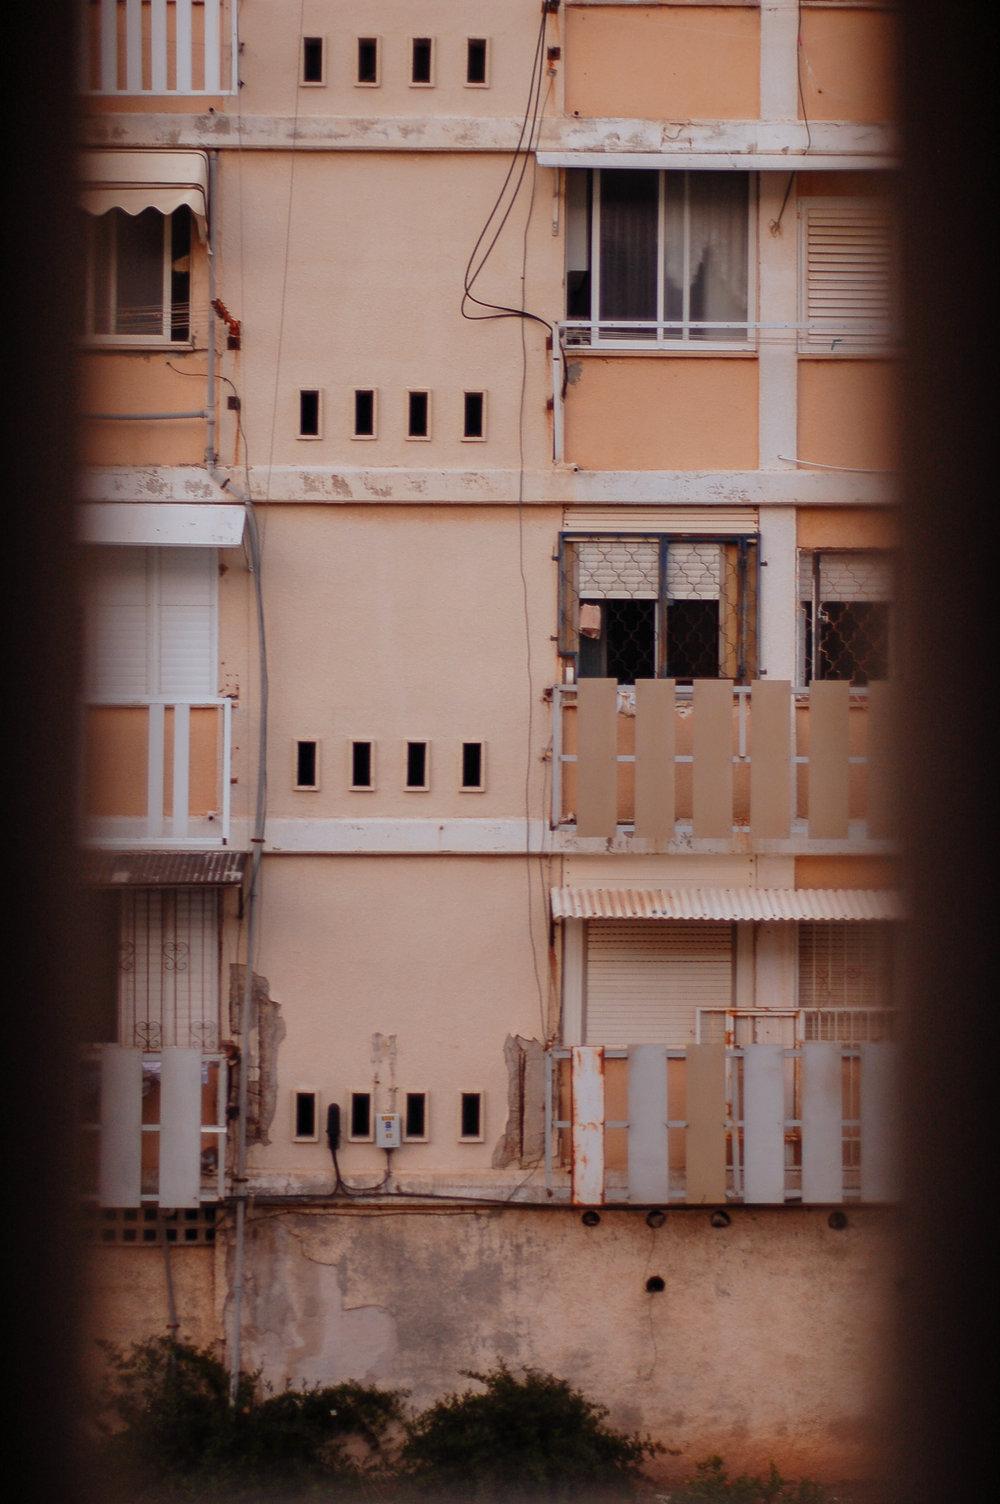 Israel 2012 (5 of 5).jpg